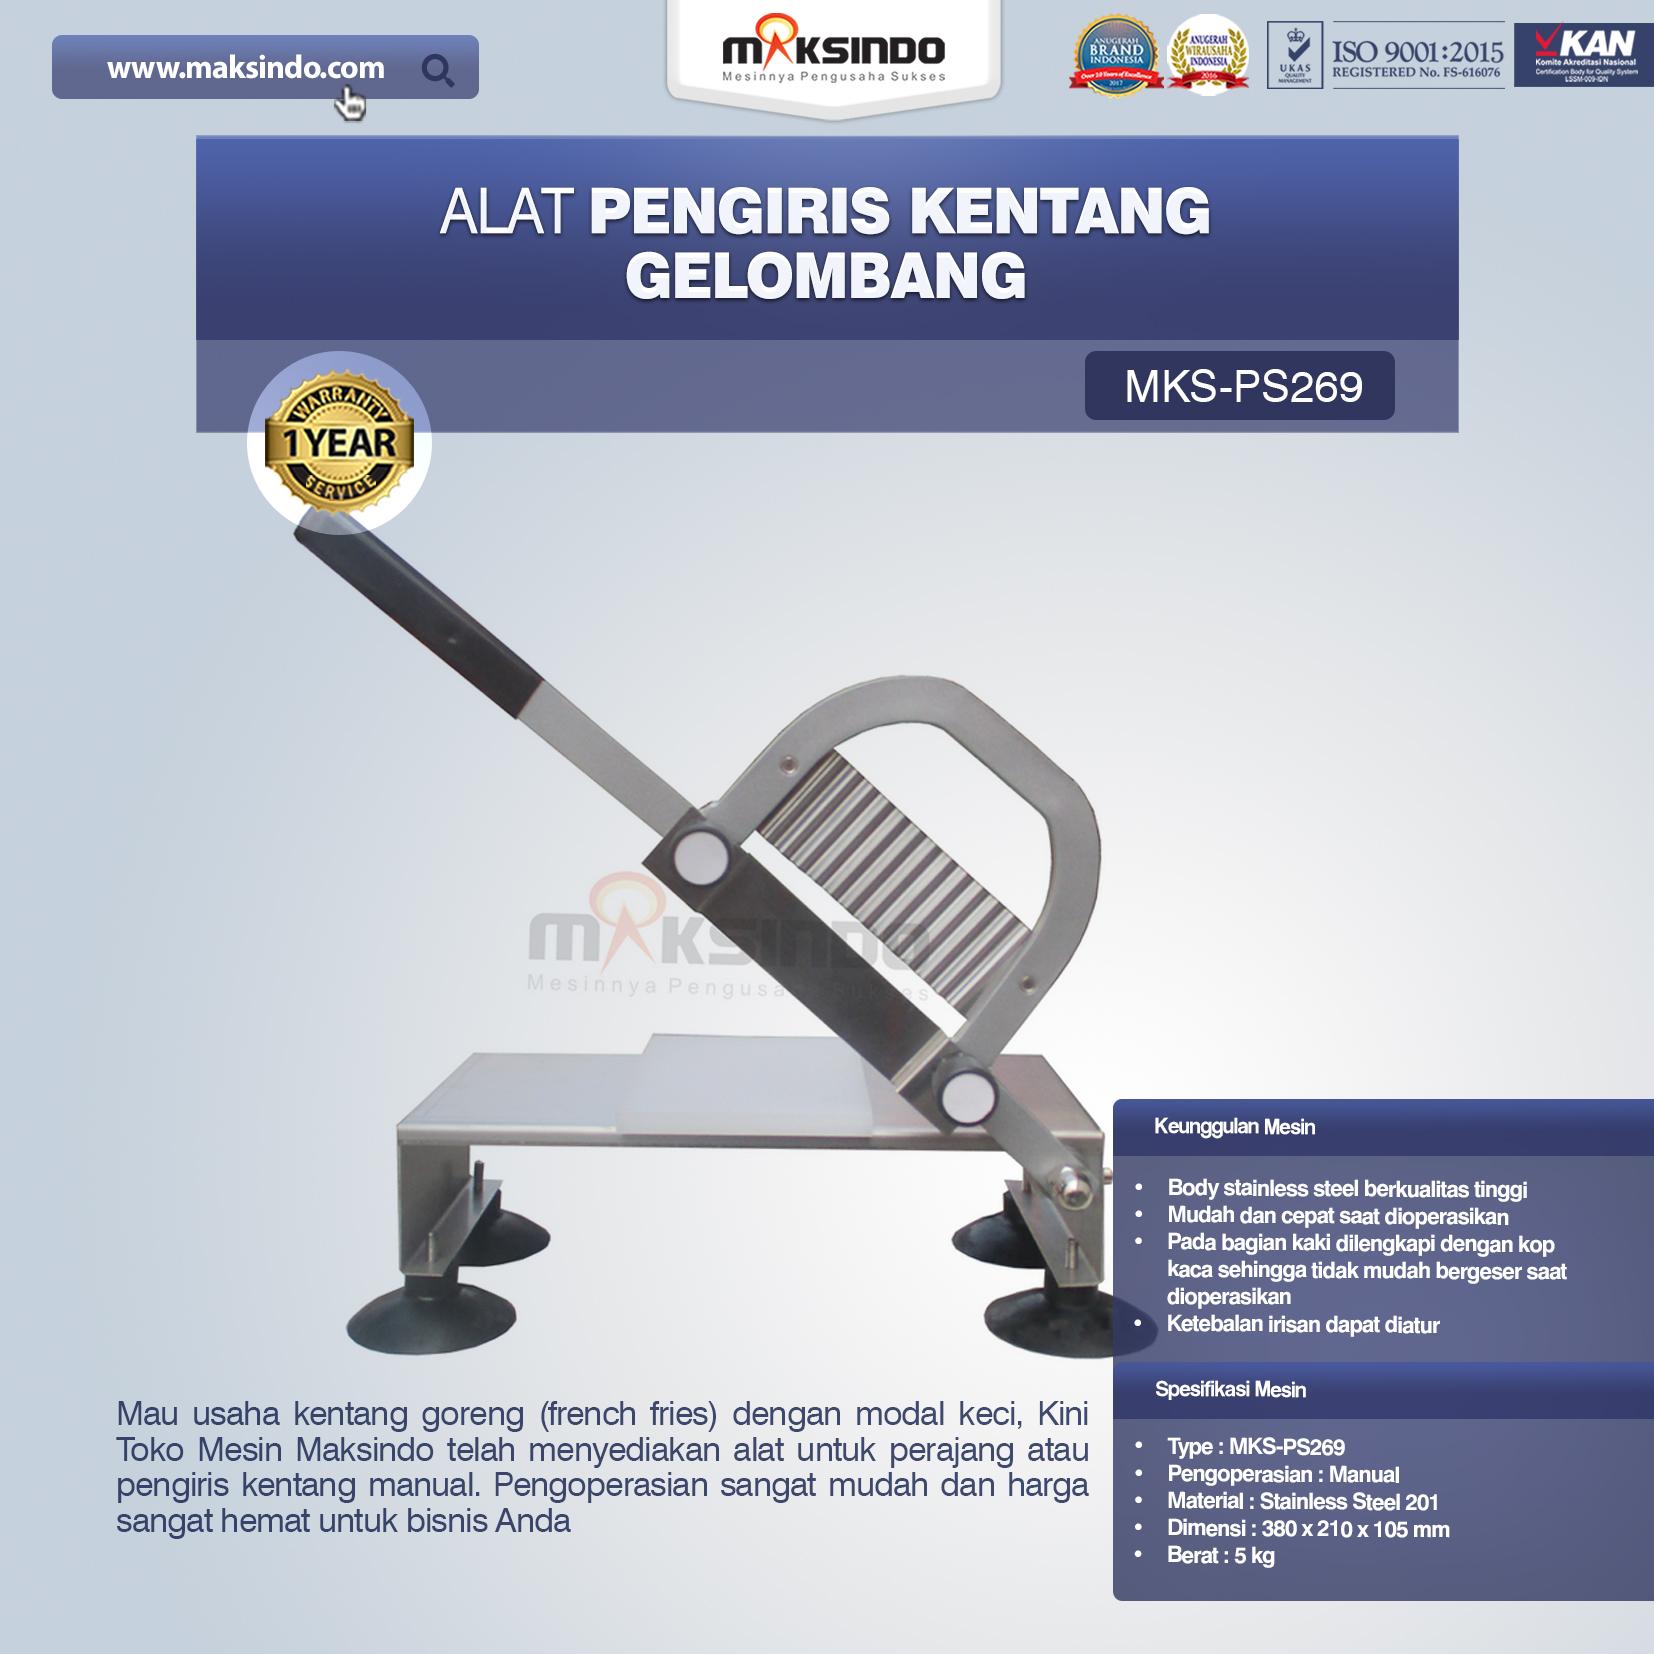 Jual Alat Pengiris Kentang Gelombang MKS-PS269 di Makassar